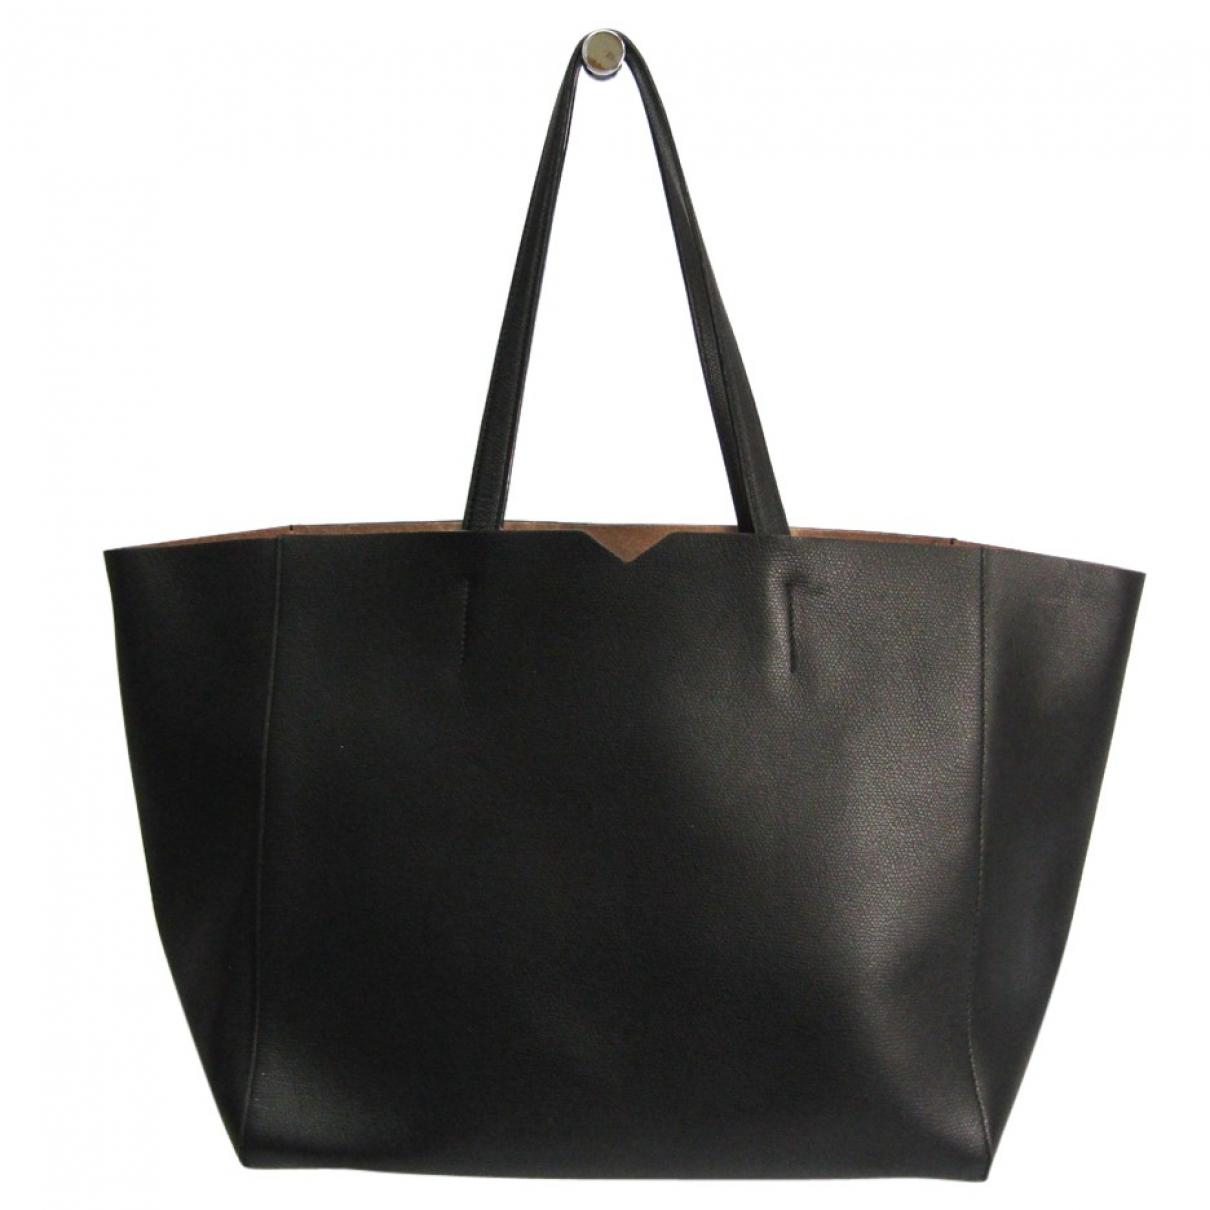 Valextra N Black Leather handbag for Women N